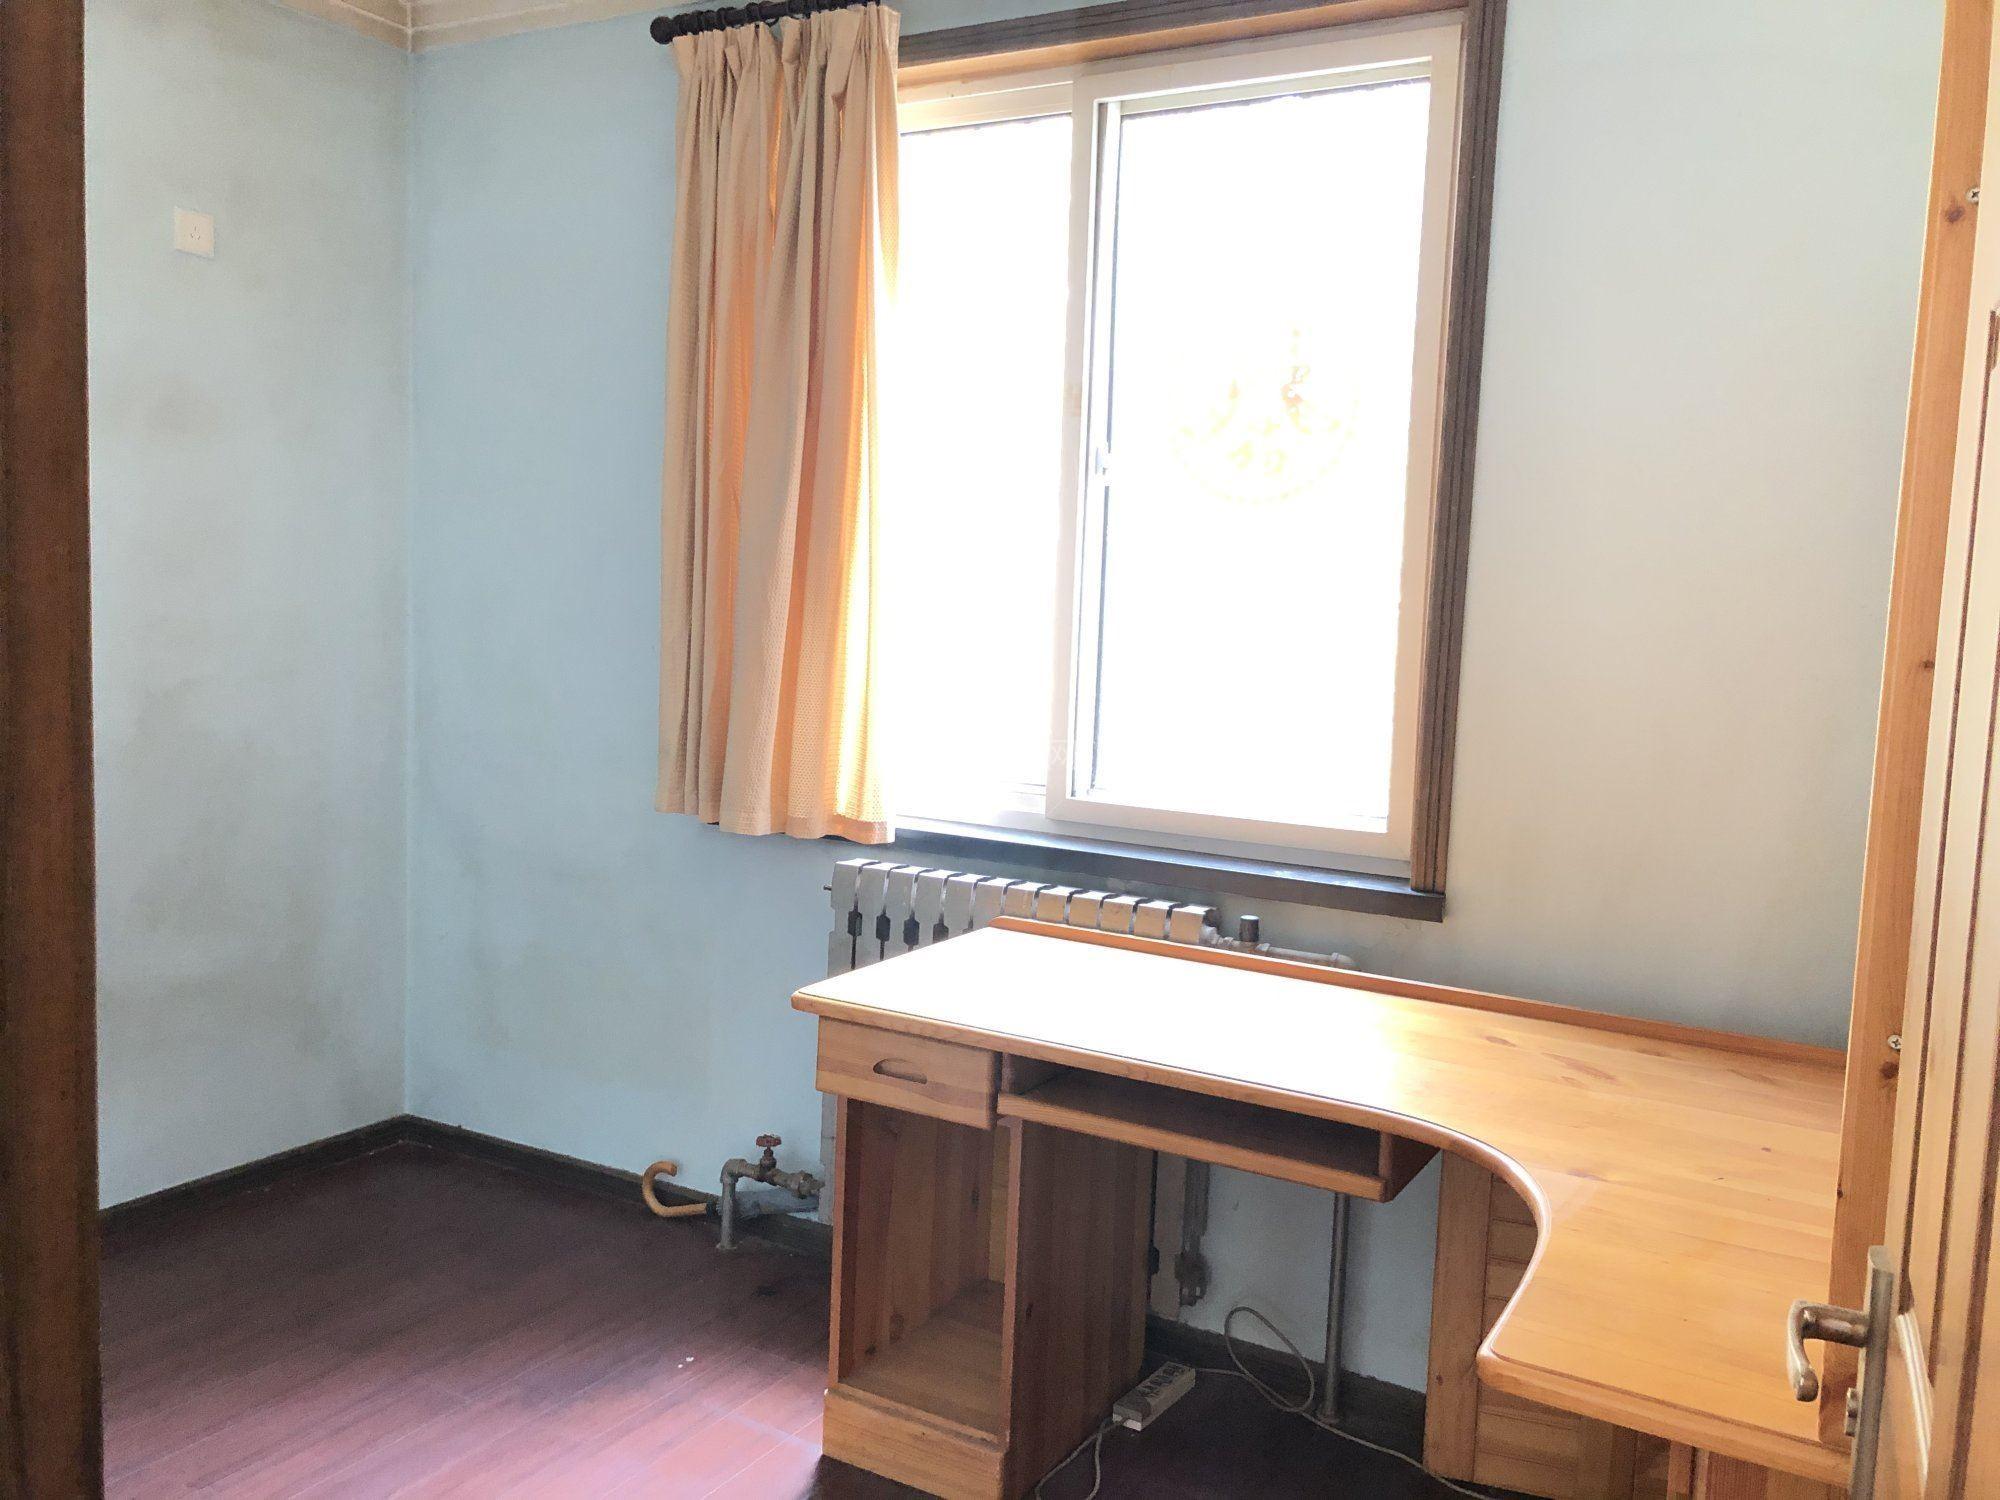 伟东新都一区精装修3房南北通透全配位置安静实景拍摄